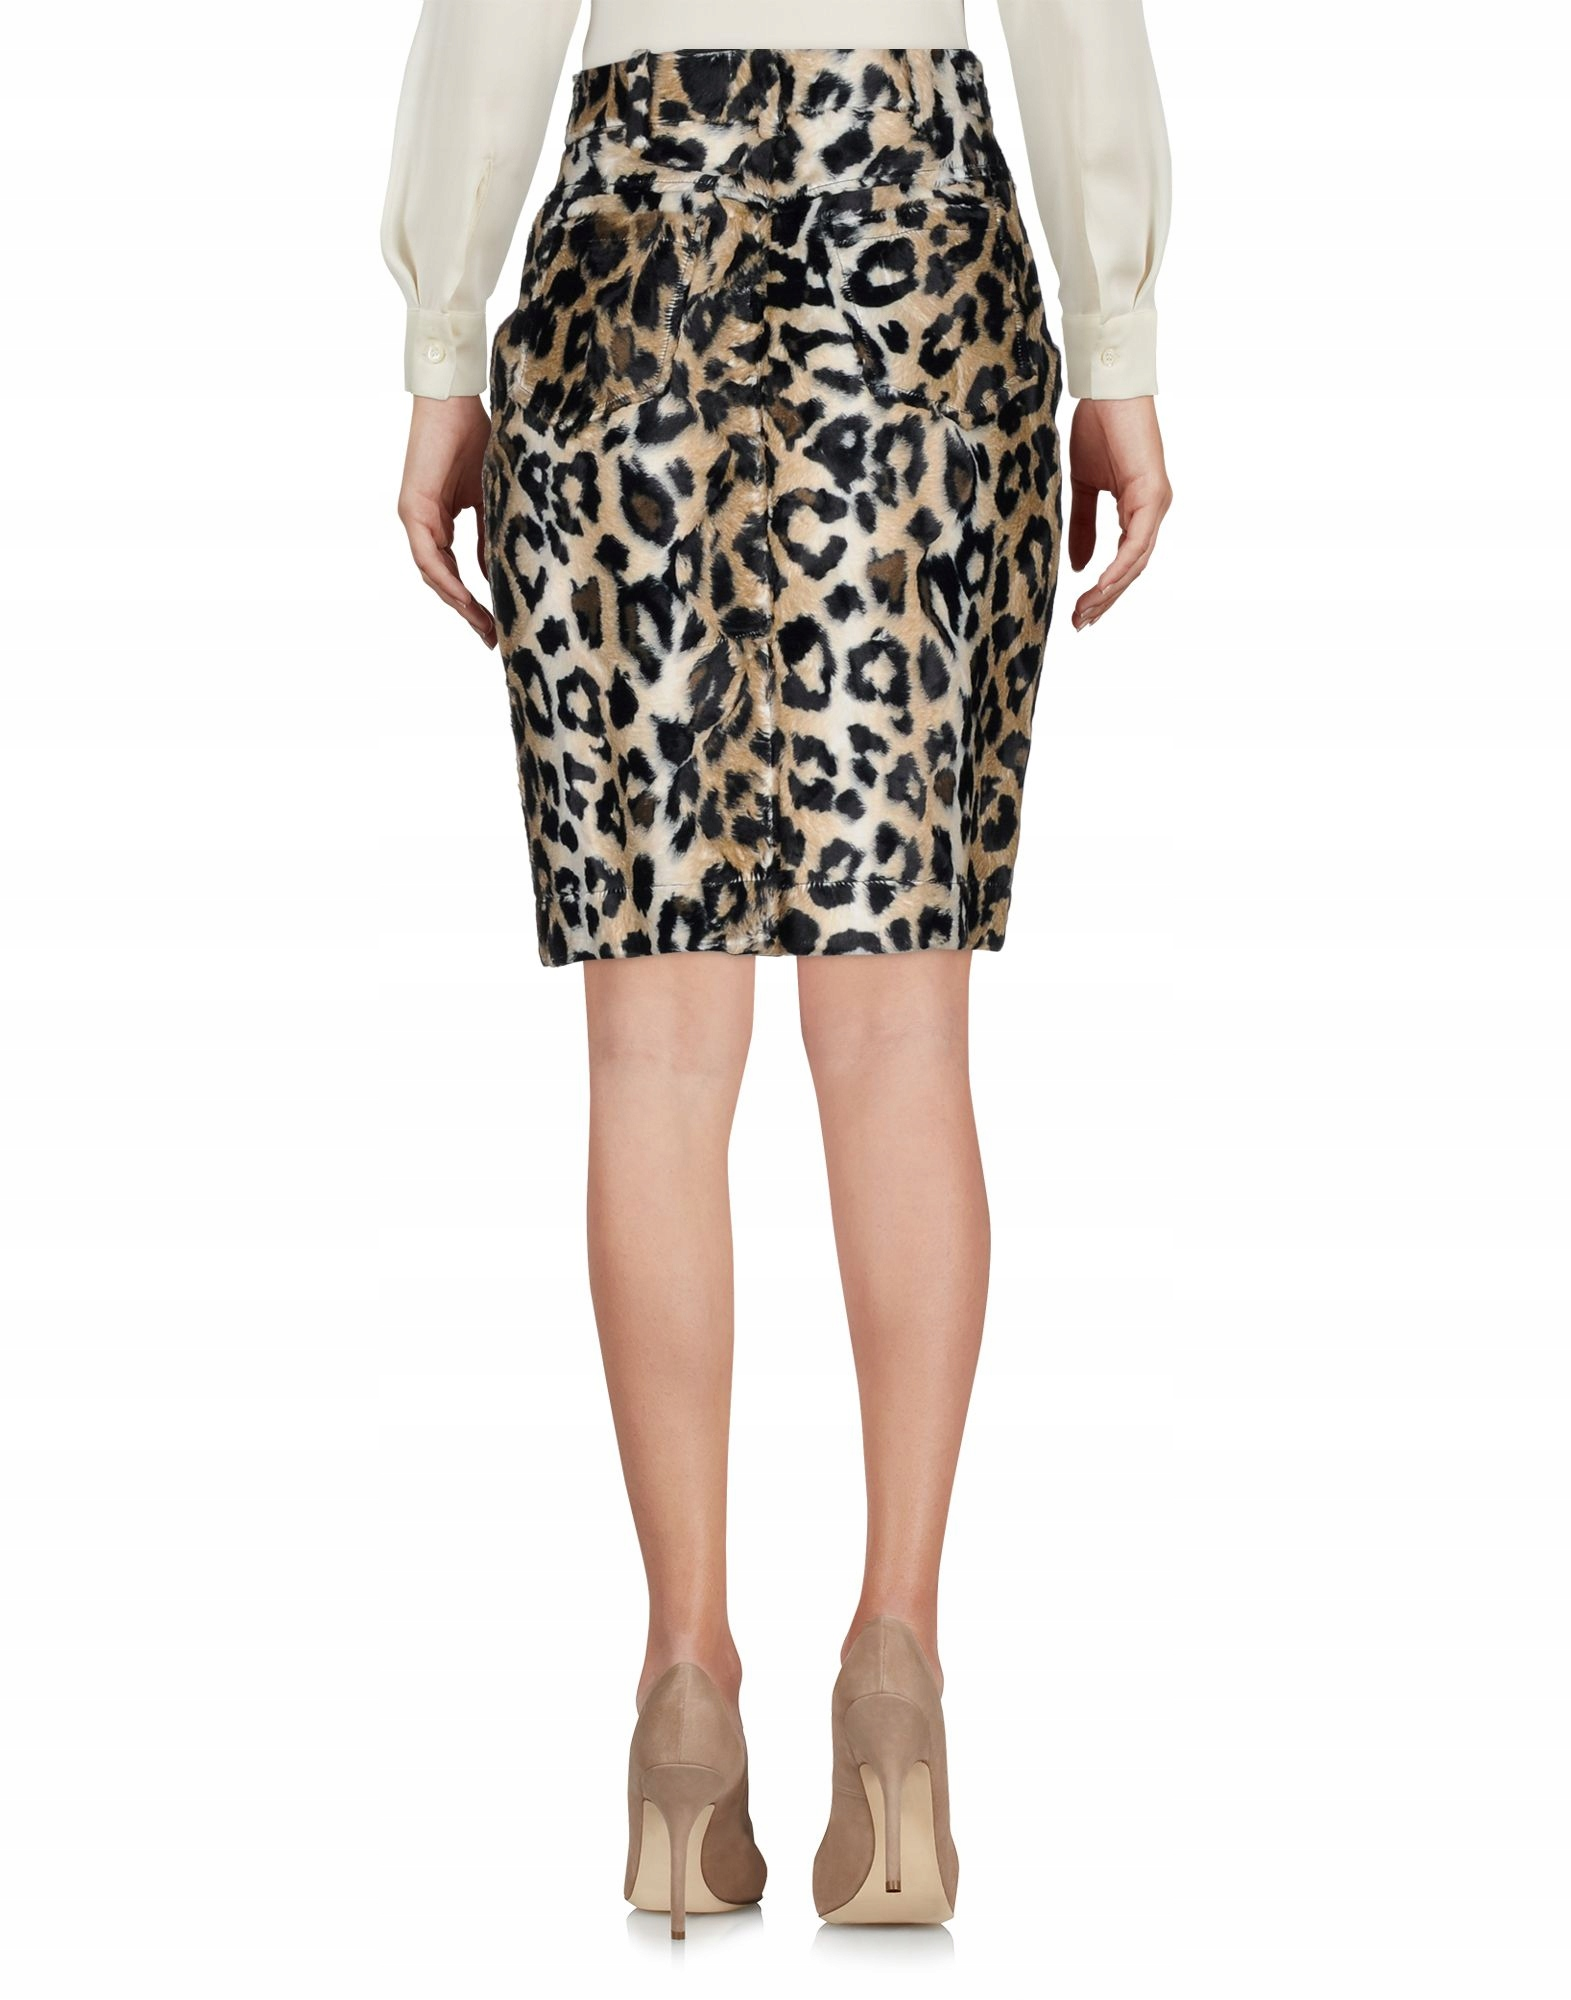 JEREMY SCOTT leopard pattern fitted skirt